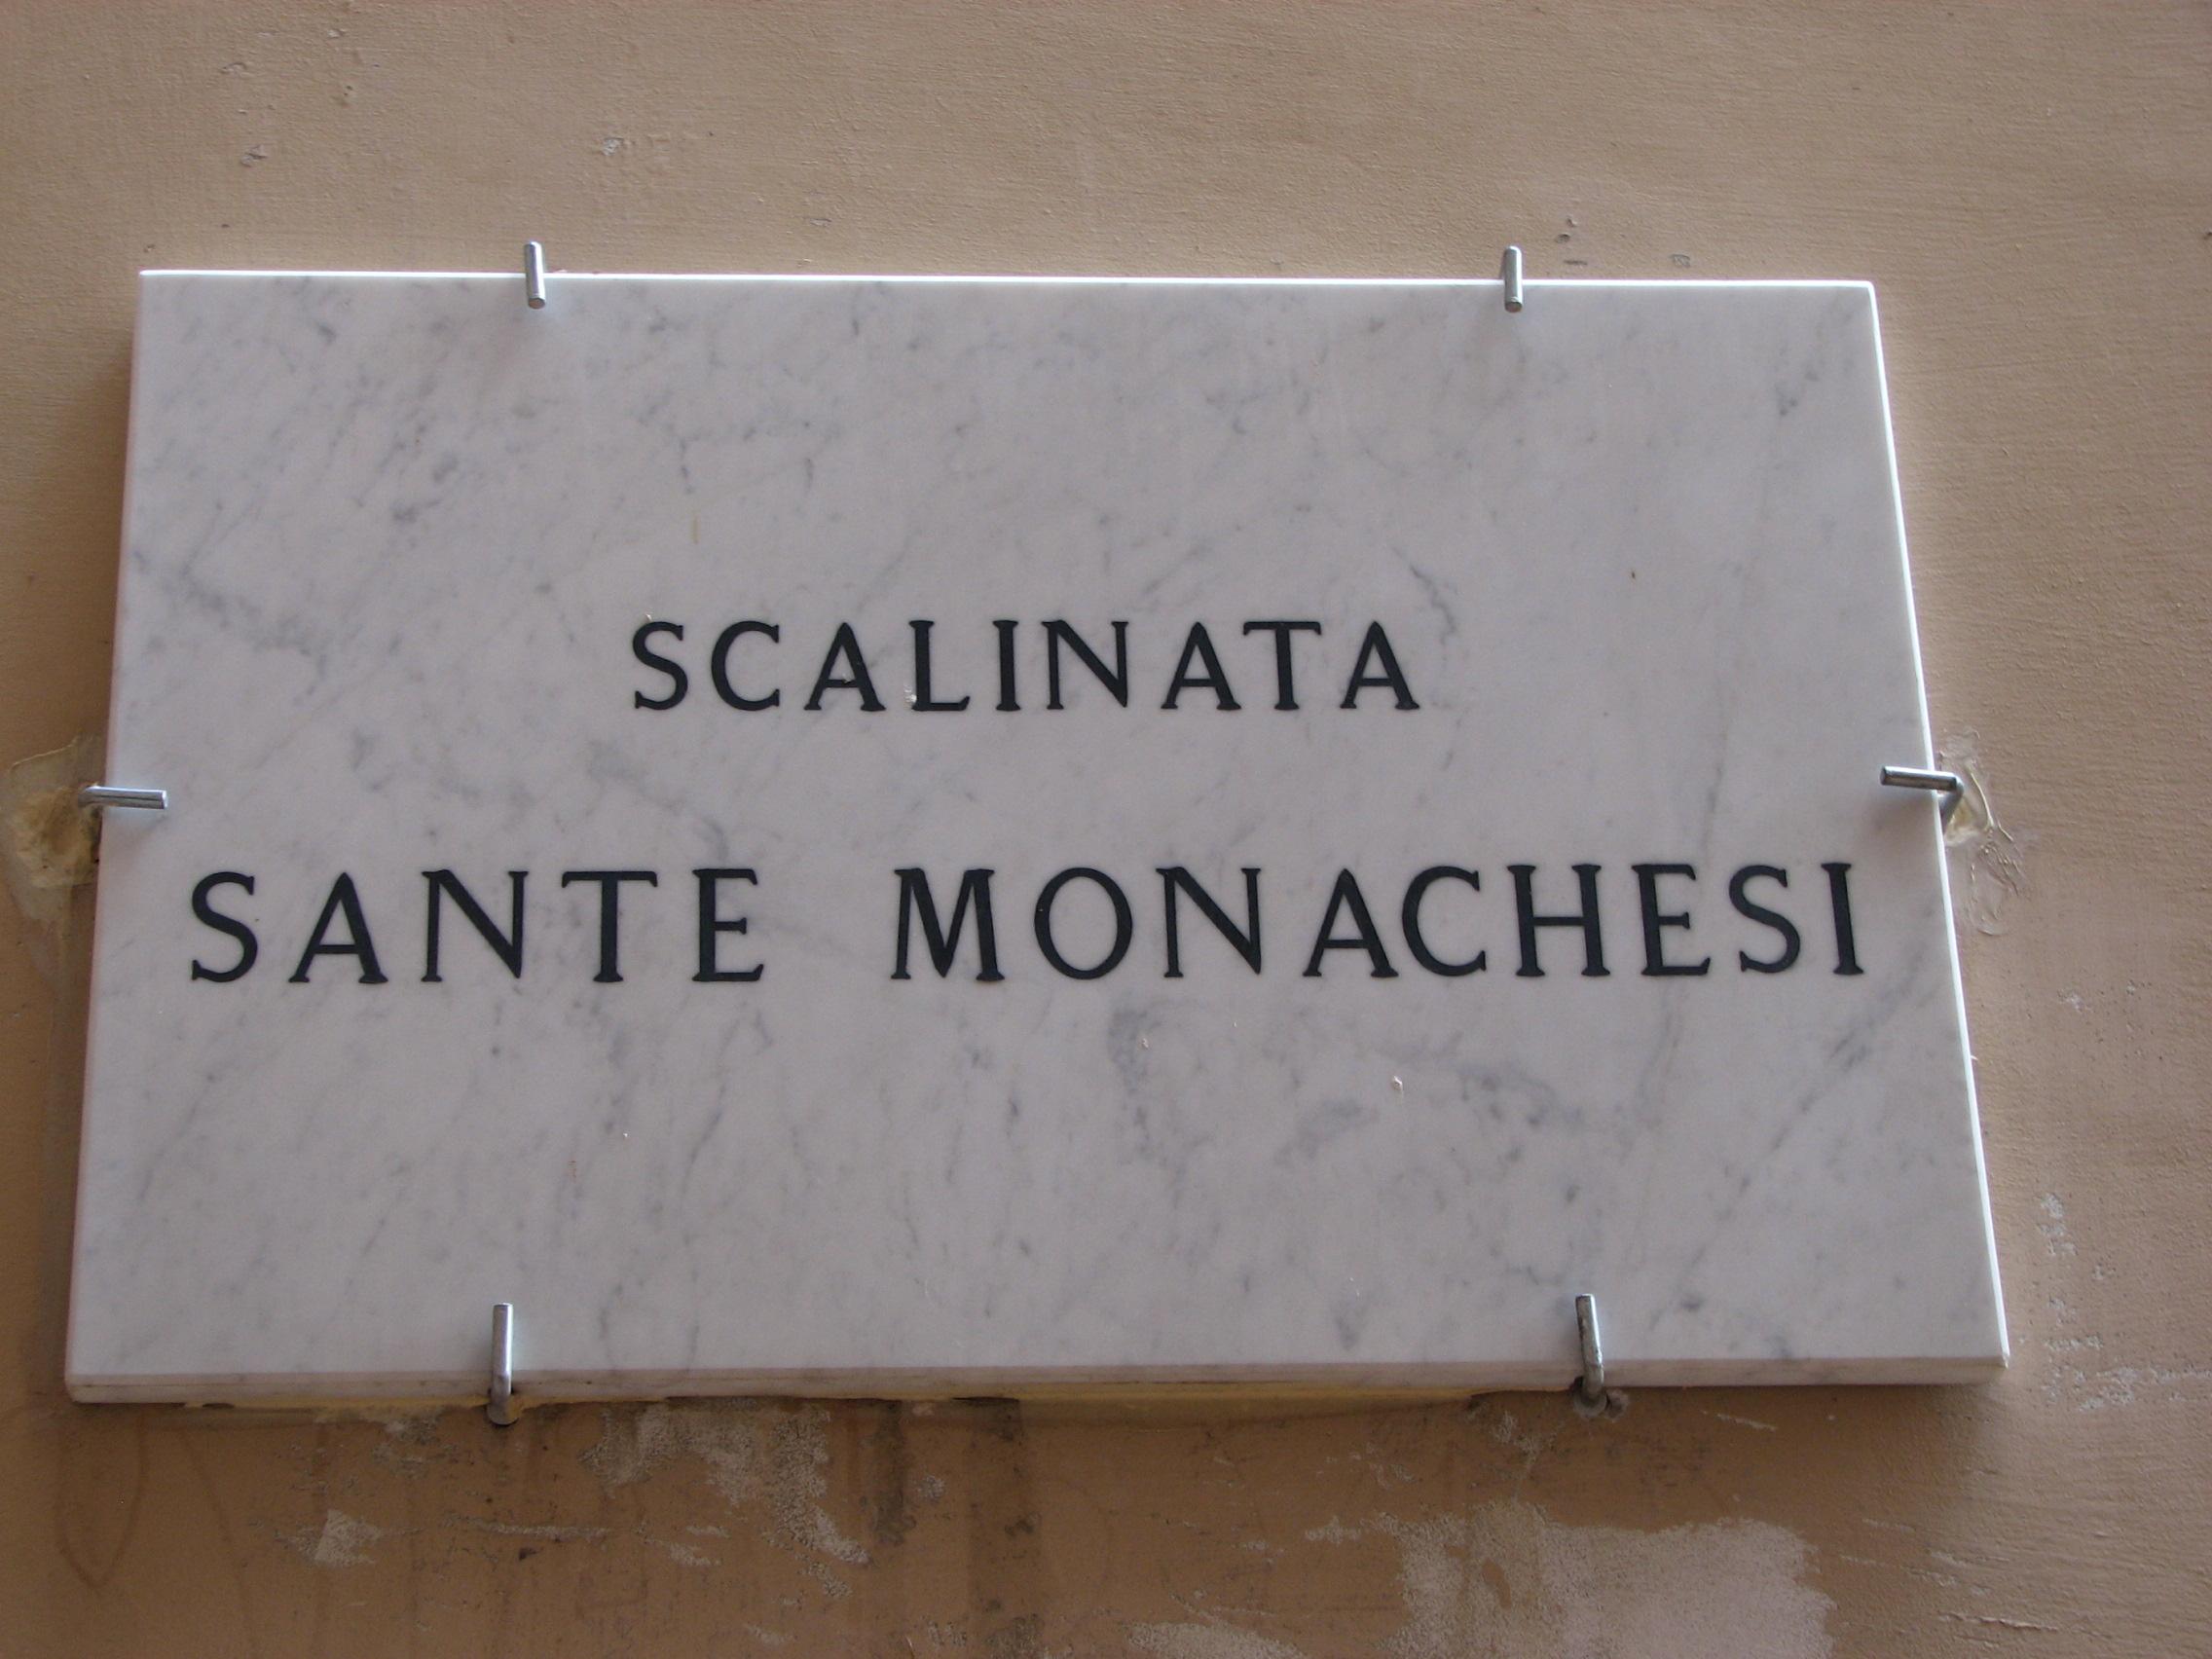 Tributo a Sante Monachesi nella sua città natale, Macerata